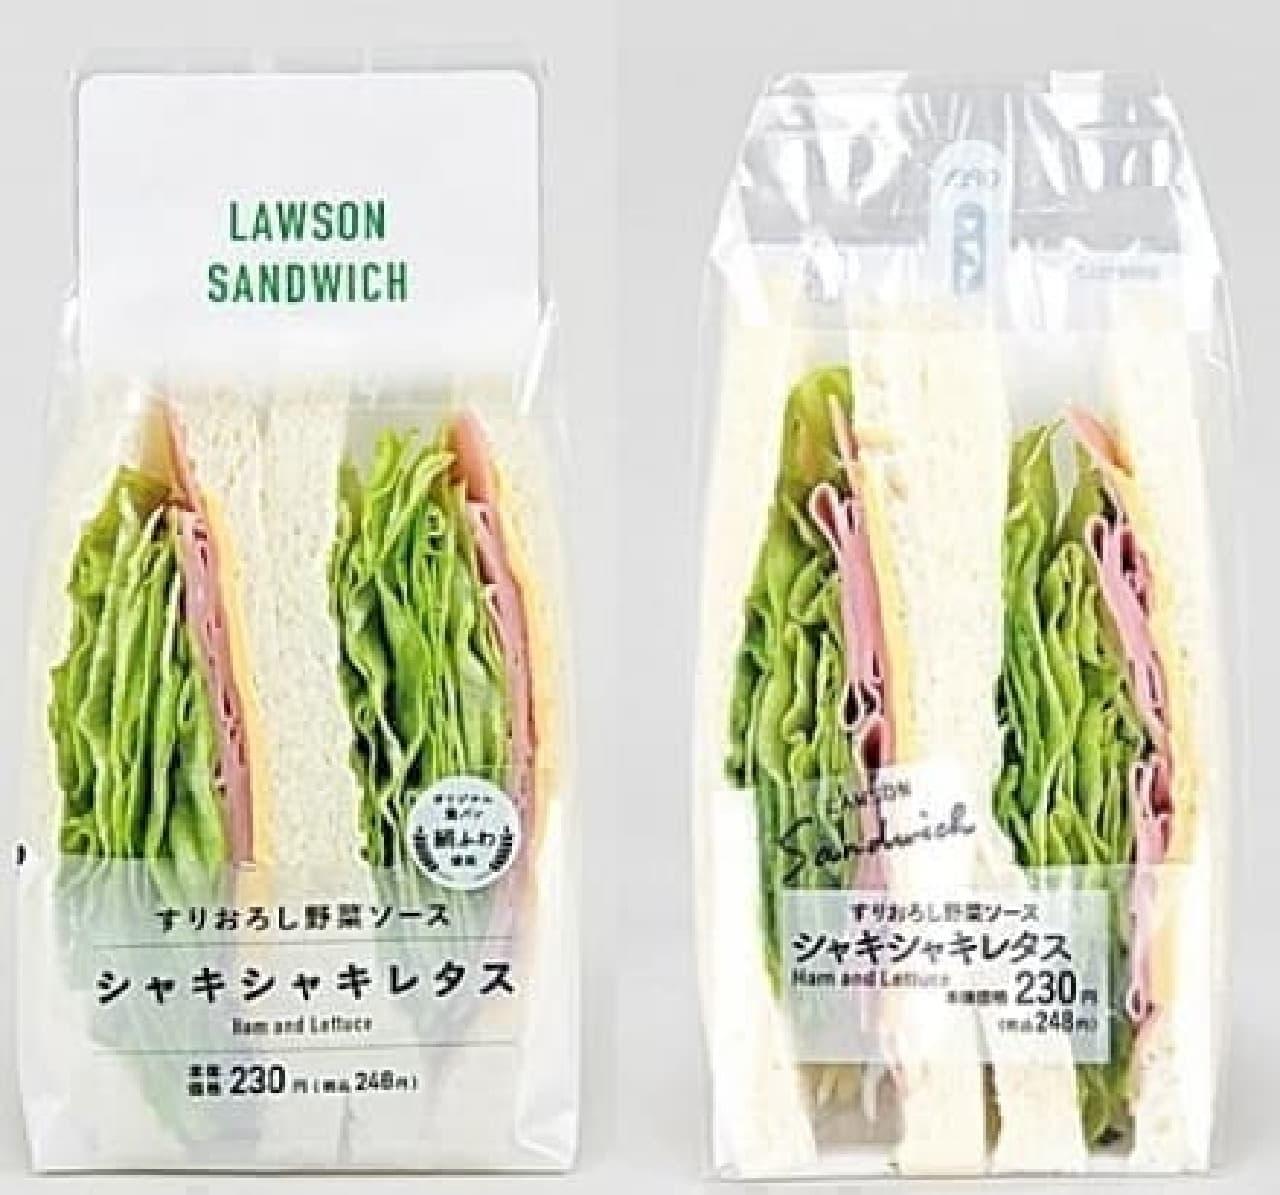 ローソンの三角サンドイッチ